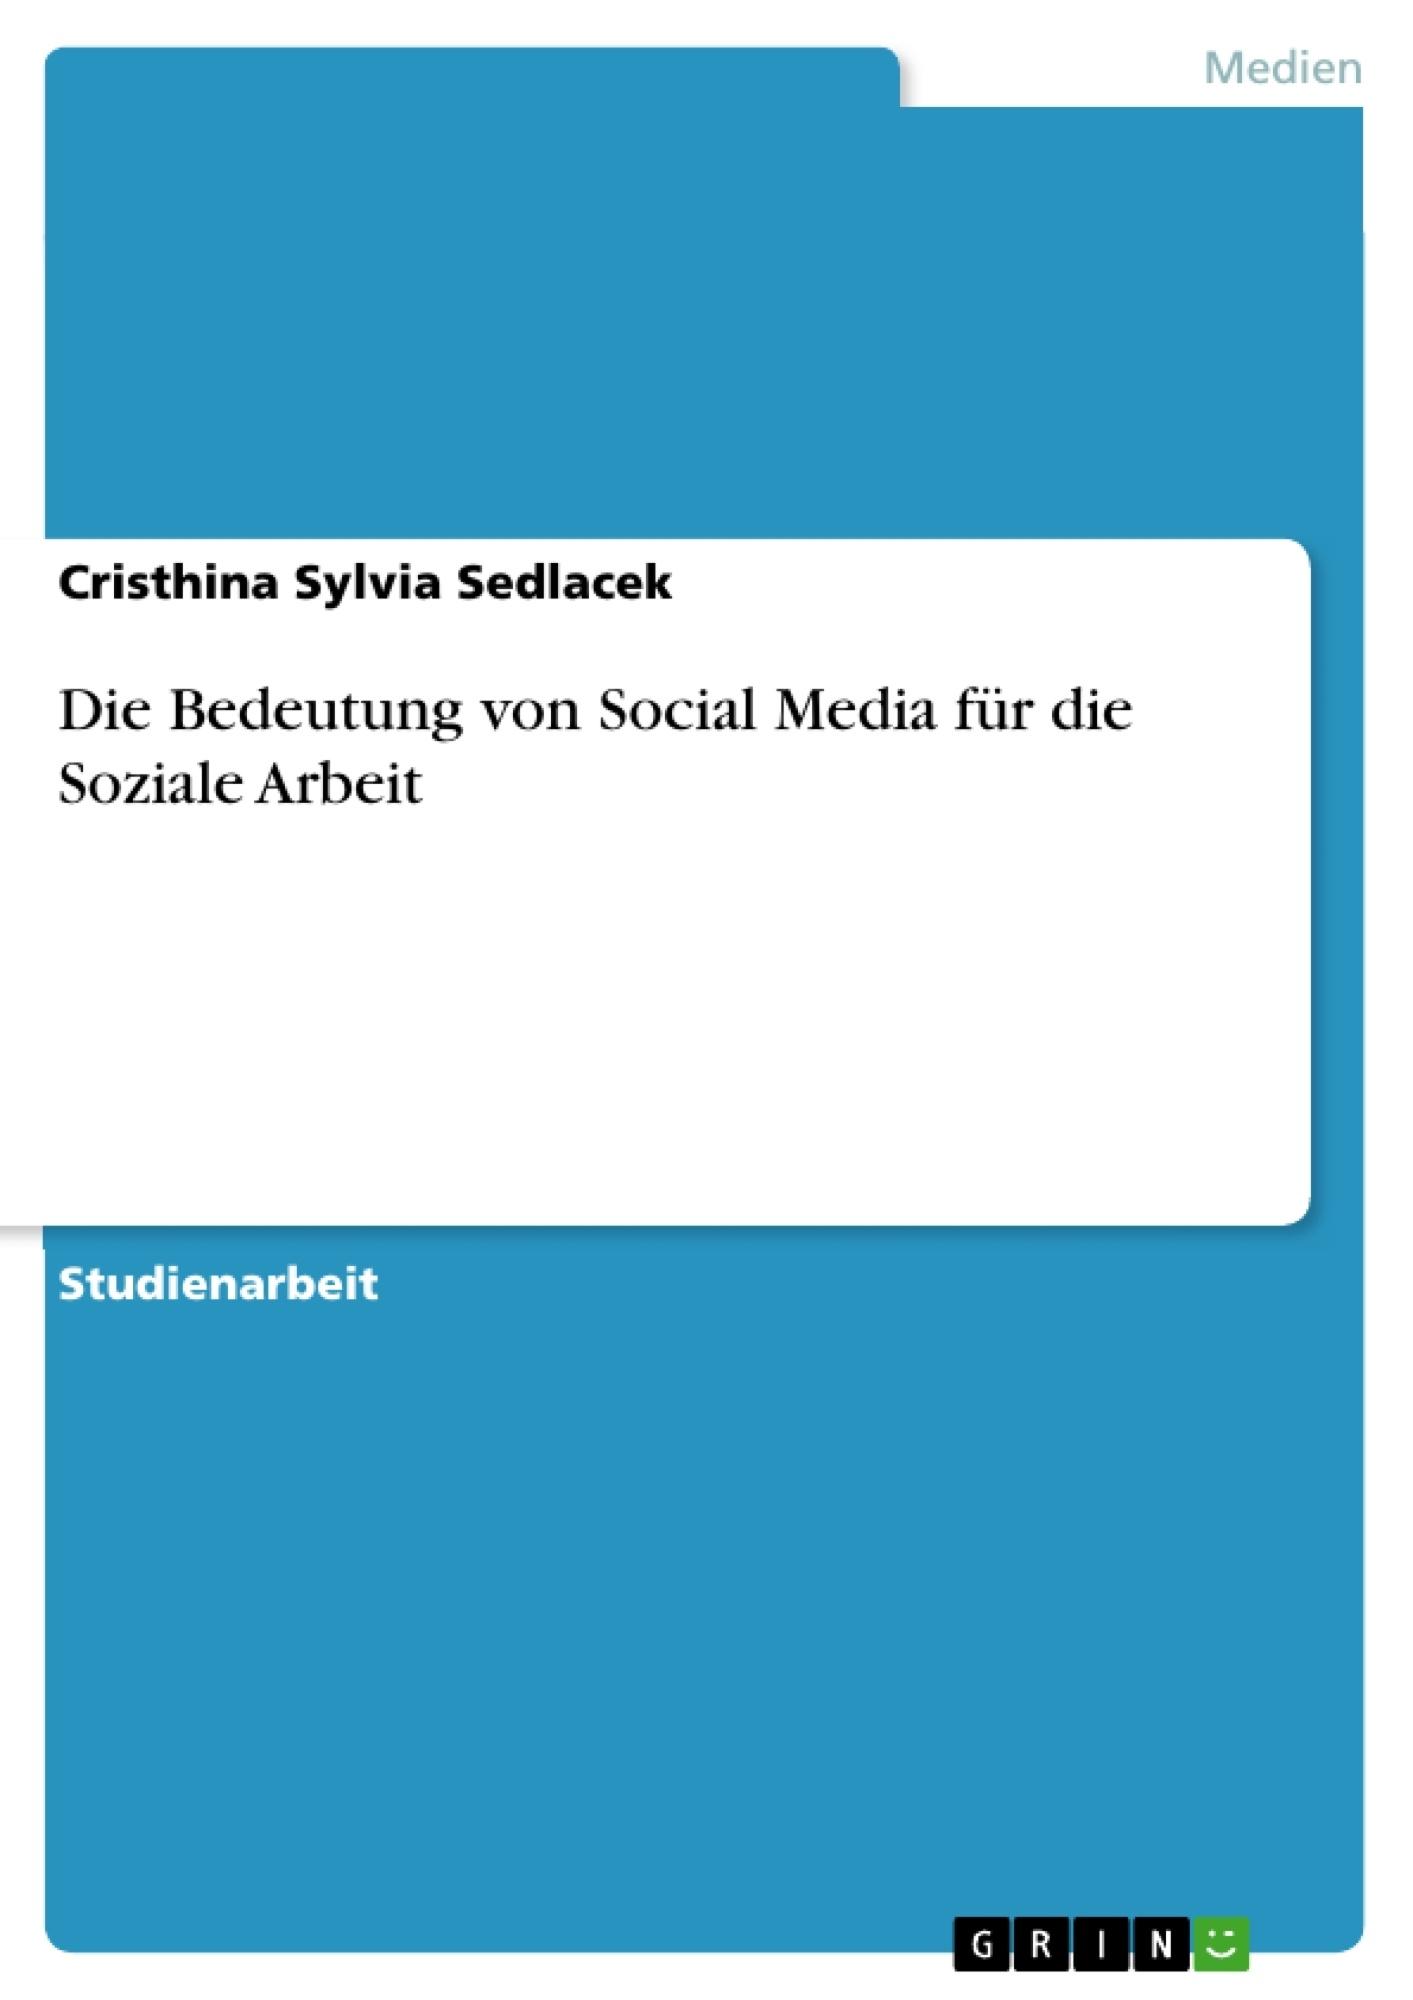 Titel: Die Bedeutung von Social Media für die Soziale Arbeit